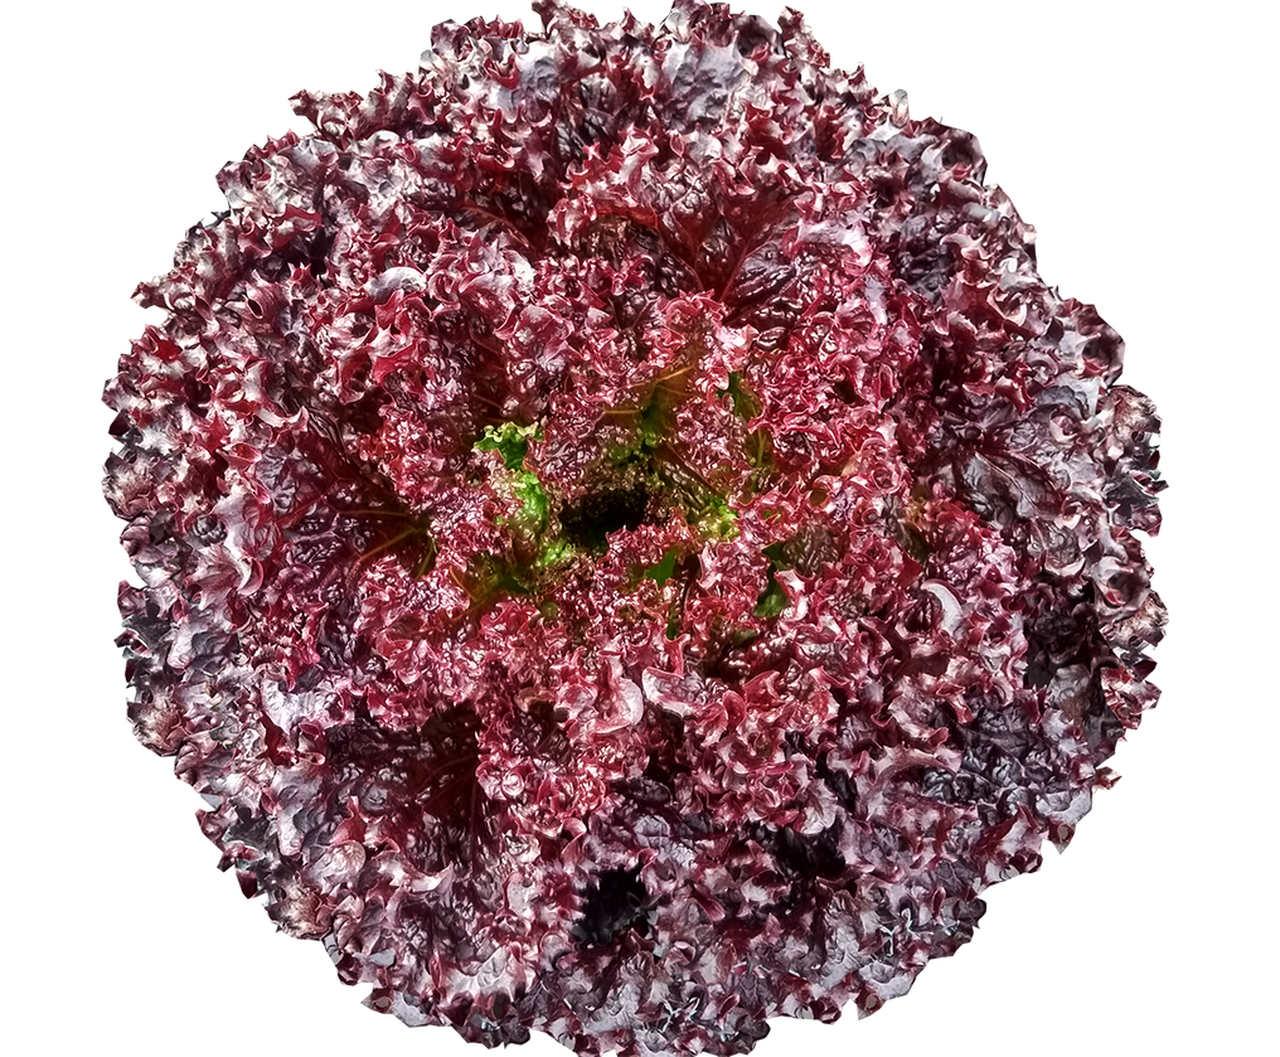 Sementes de Alface Especialidade Crespa Roxa Luminosa NBR 35  - Topseed Premium